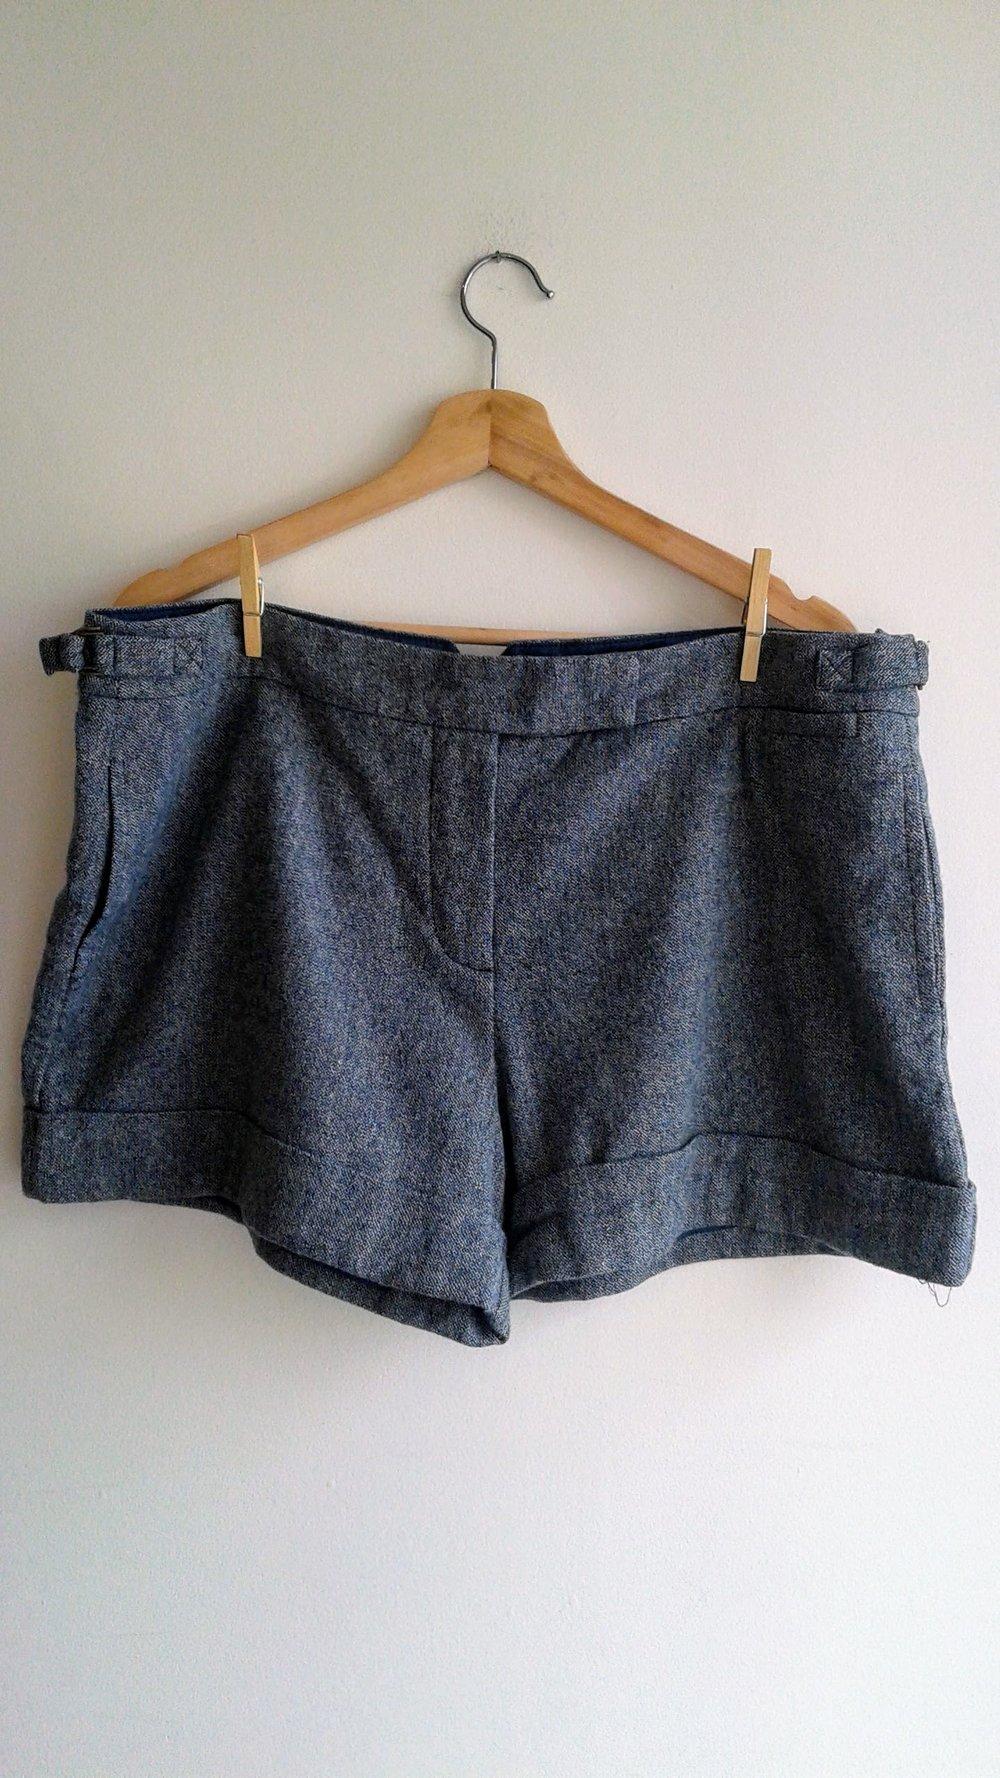 Trina Turk  shorts; Size 14, $30